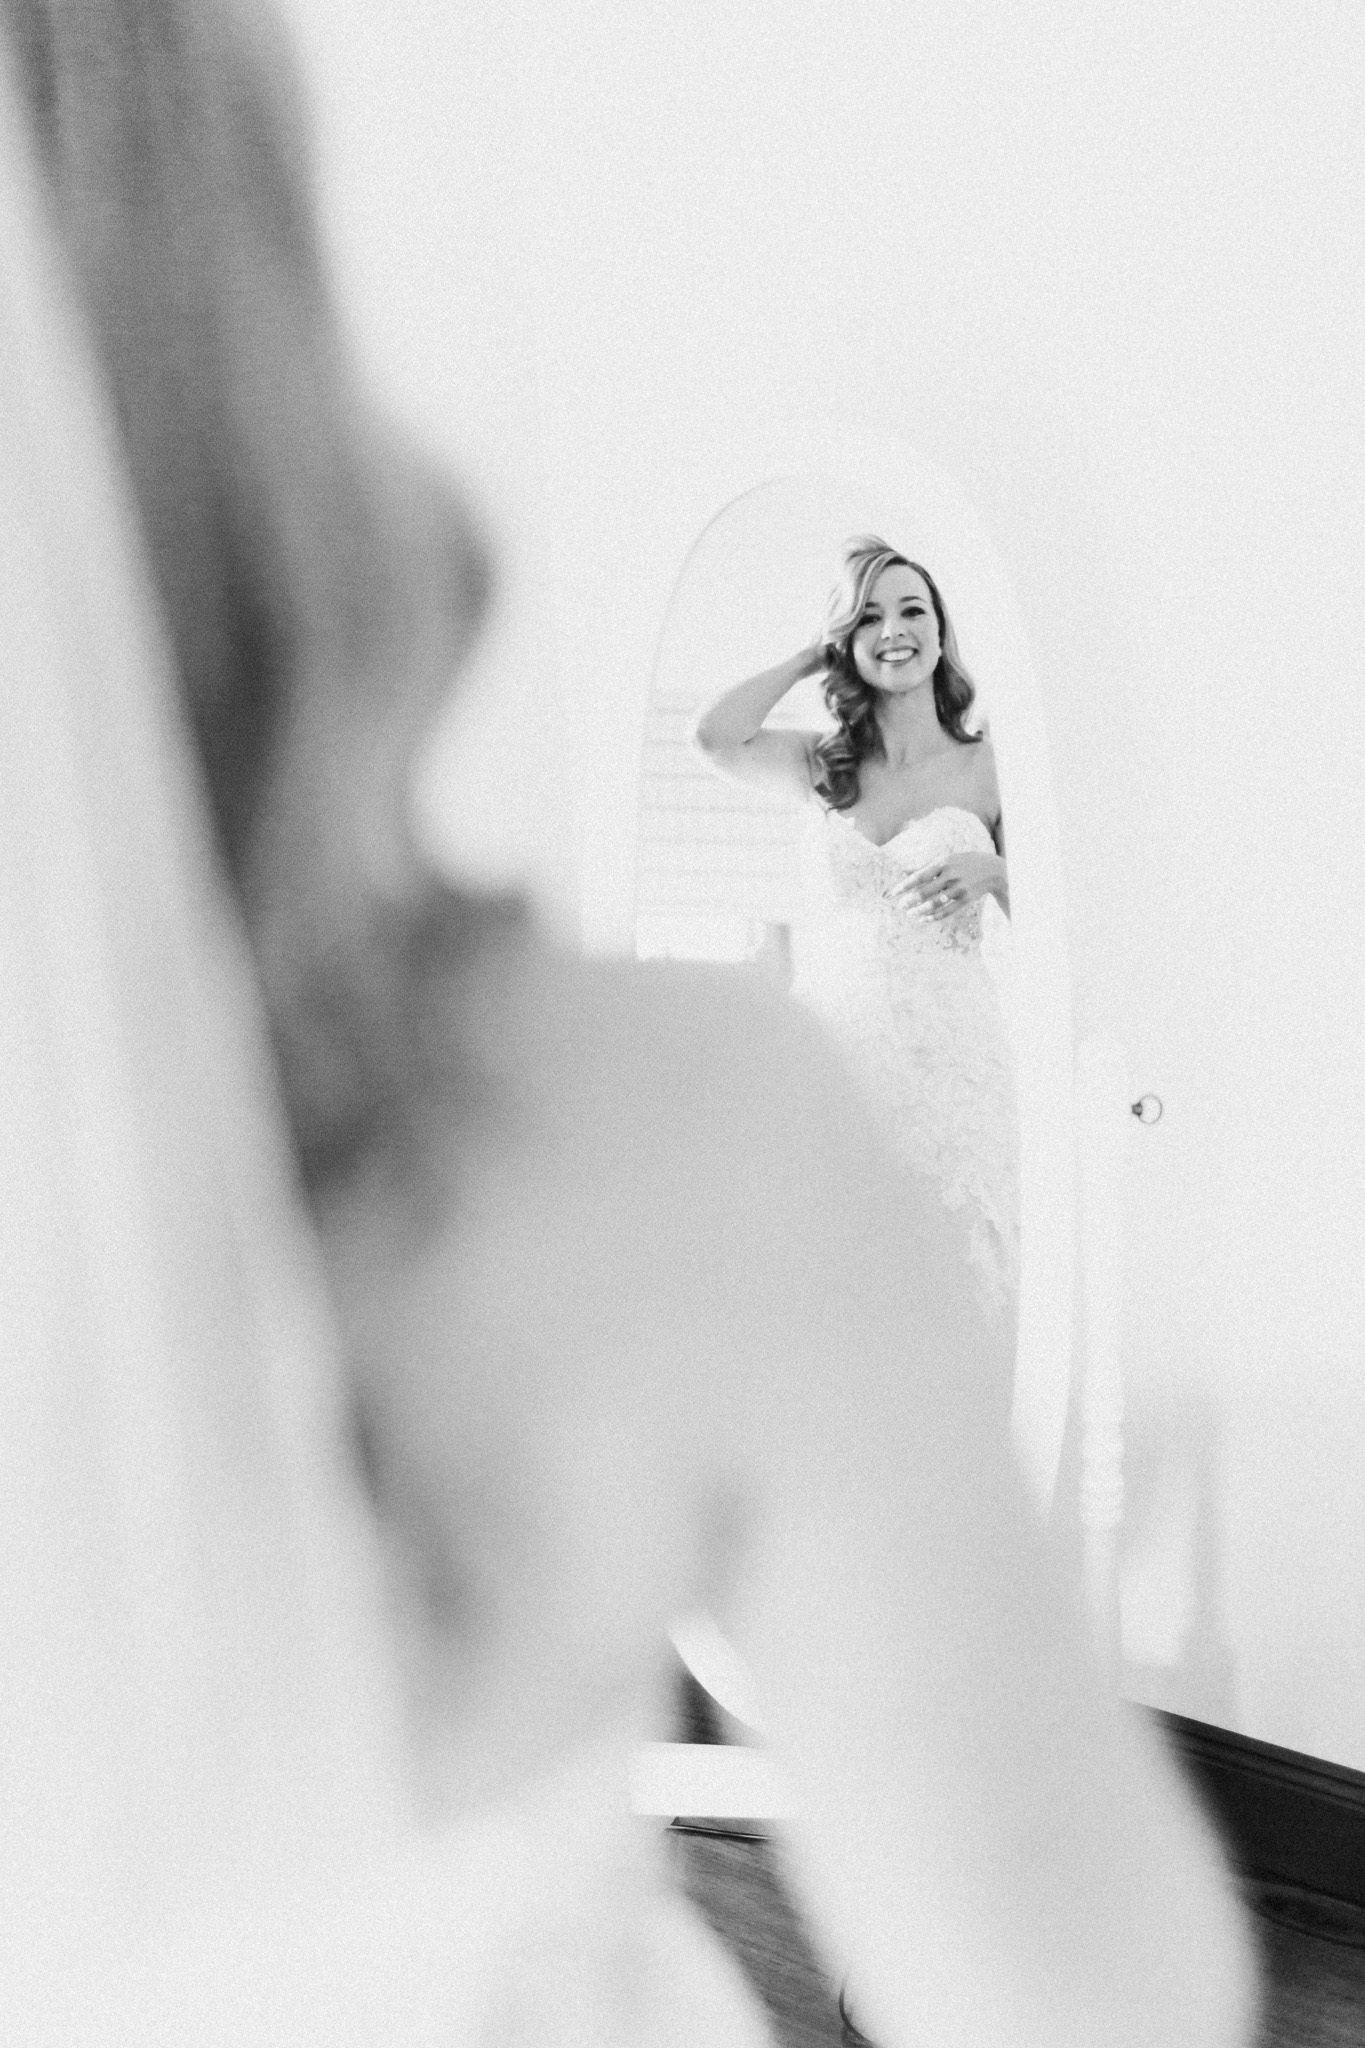 WeddingPhotos_Facebook_2048pixels-1027.jpg